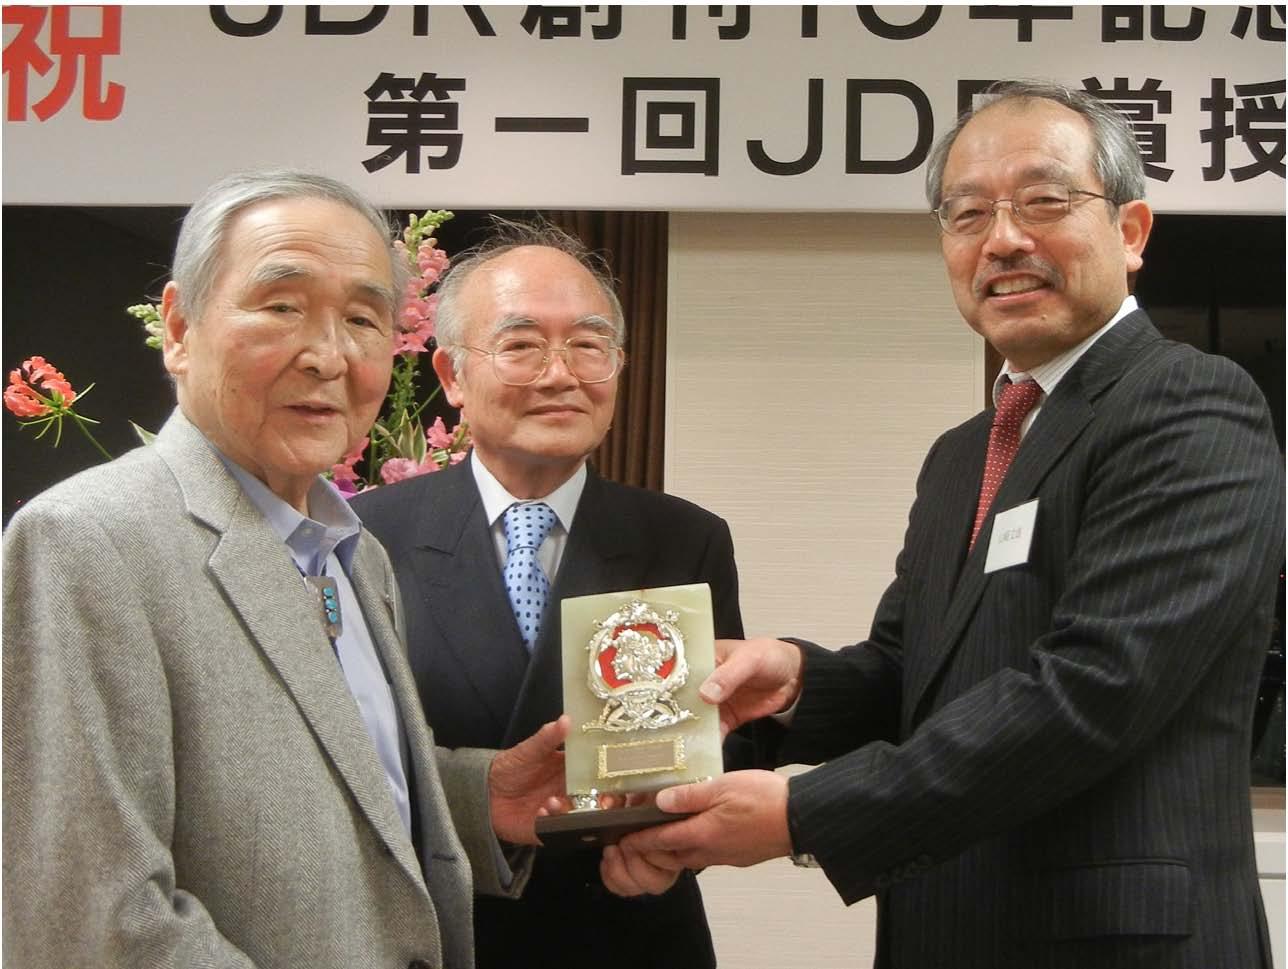 JDR award 2015